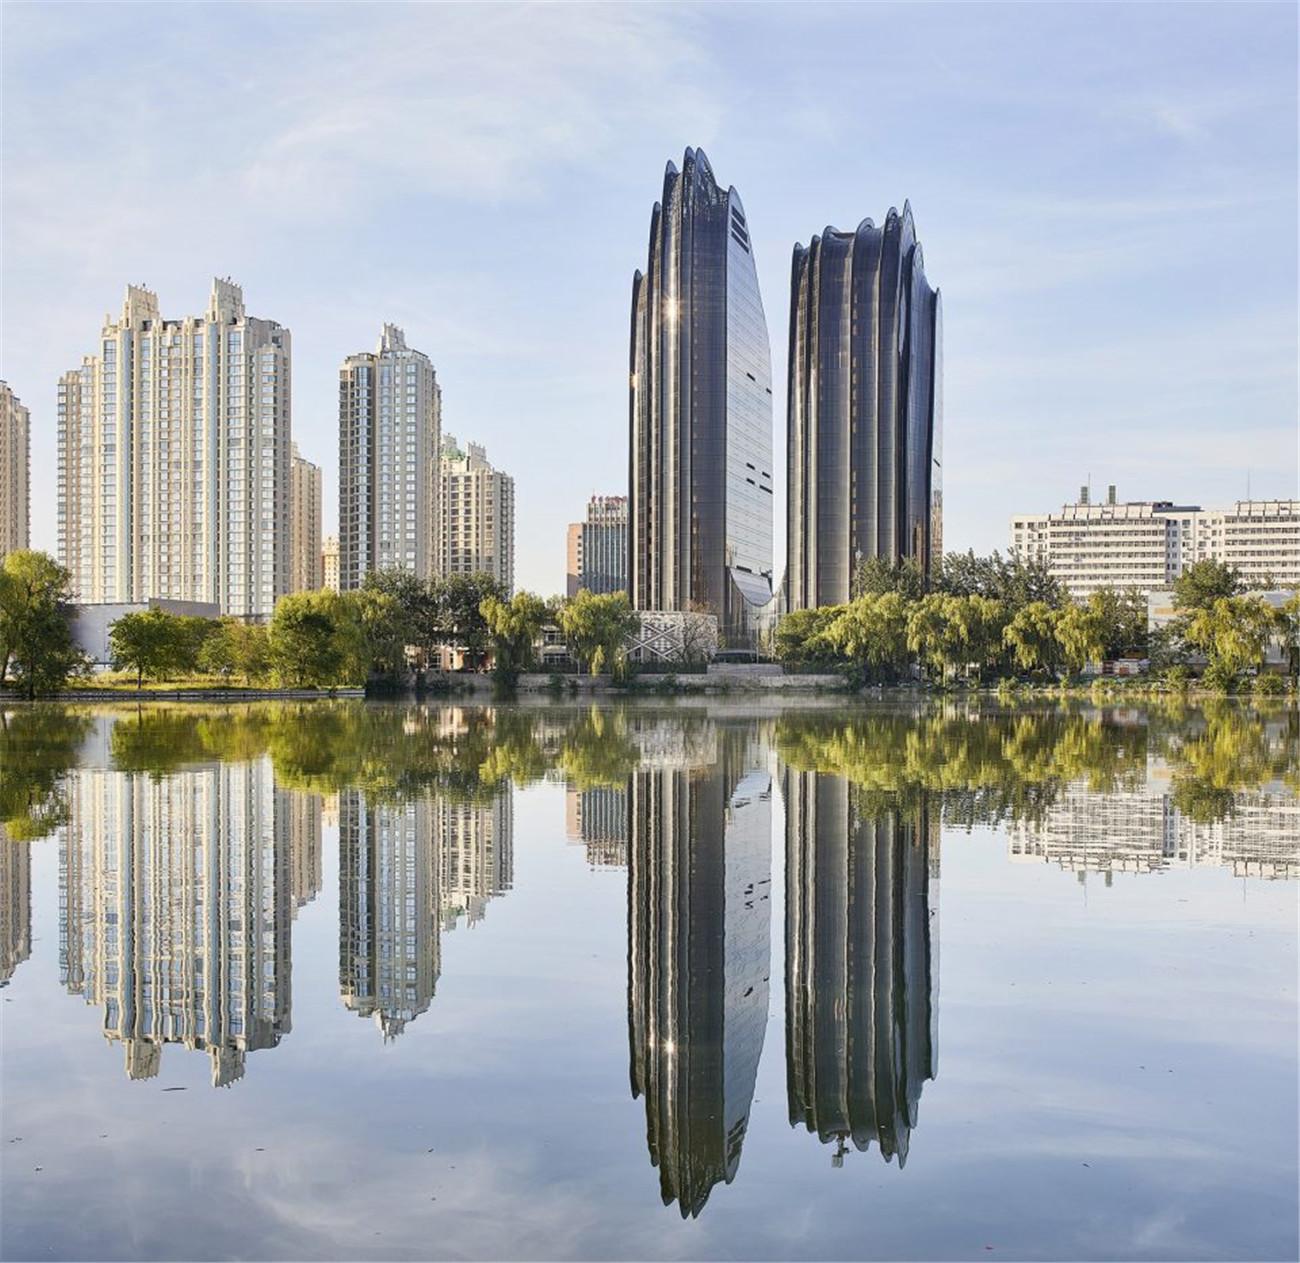 有方 - 高品质建筑资讯门户Torre Reforma办公楼赢得2018年国际高层建筑奖,北京朝阳公园广场入围决赛